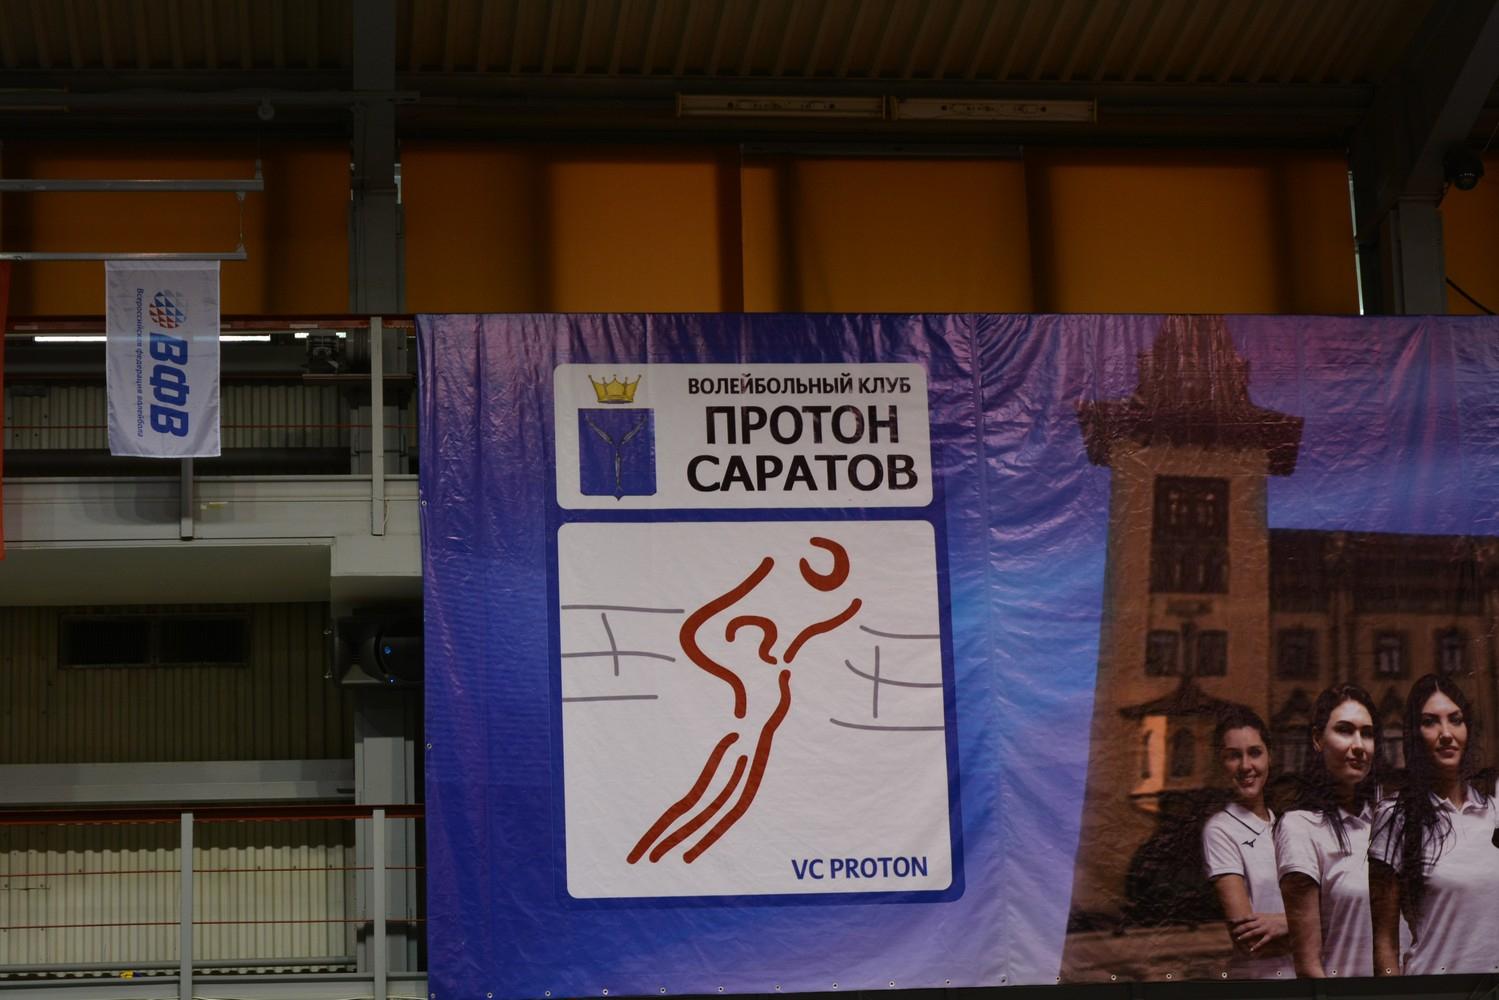 протон-саратов4